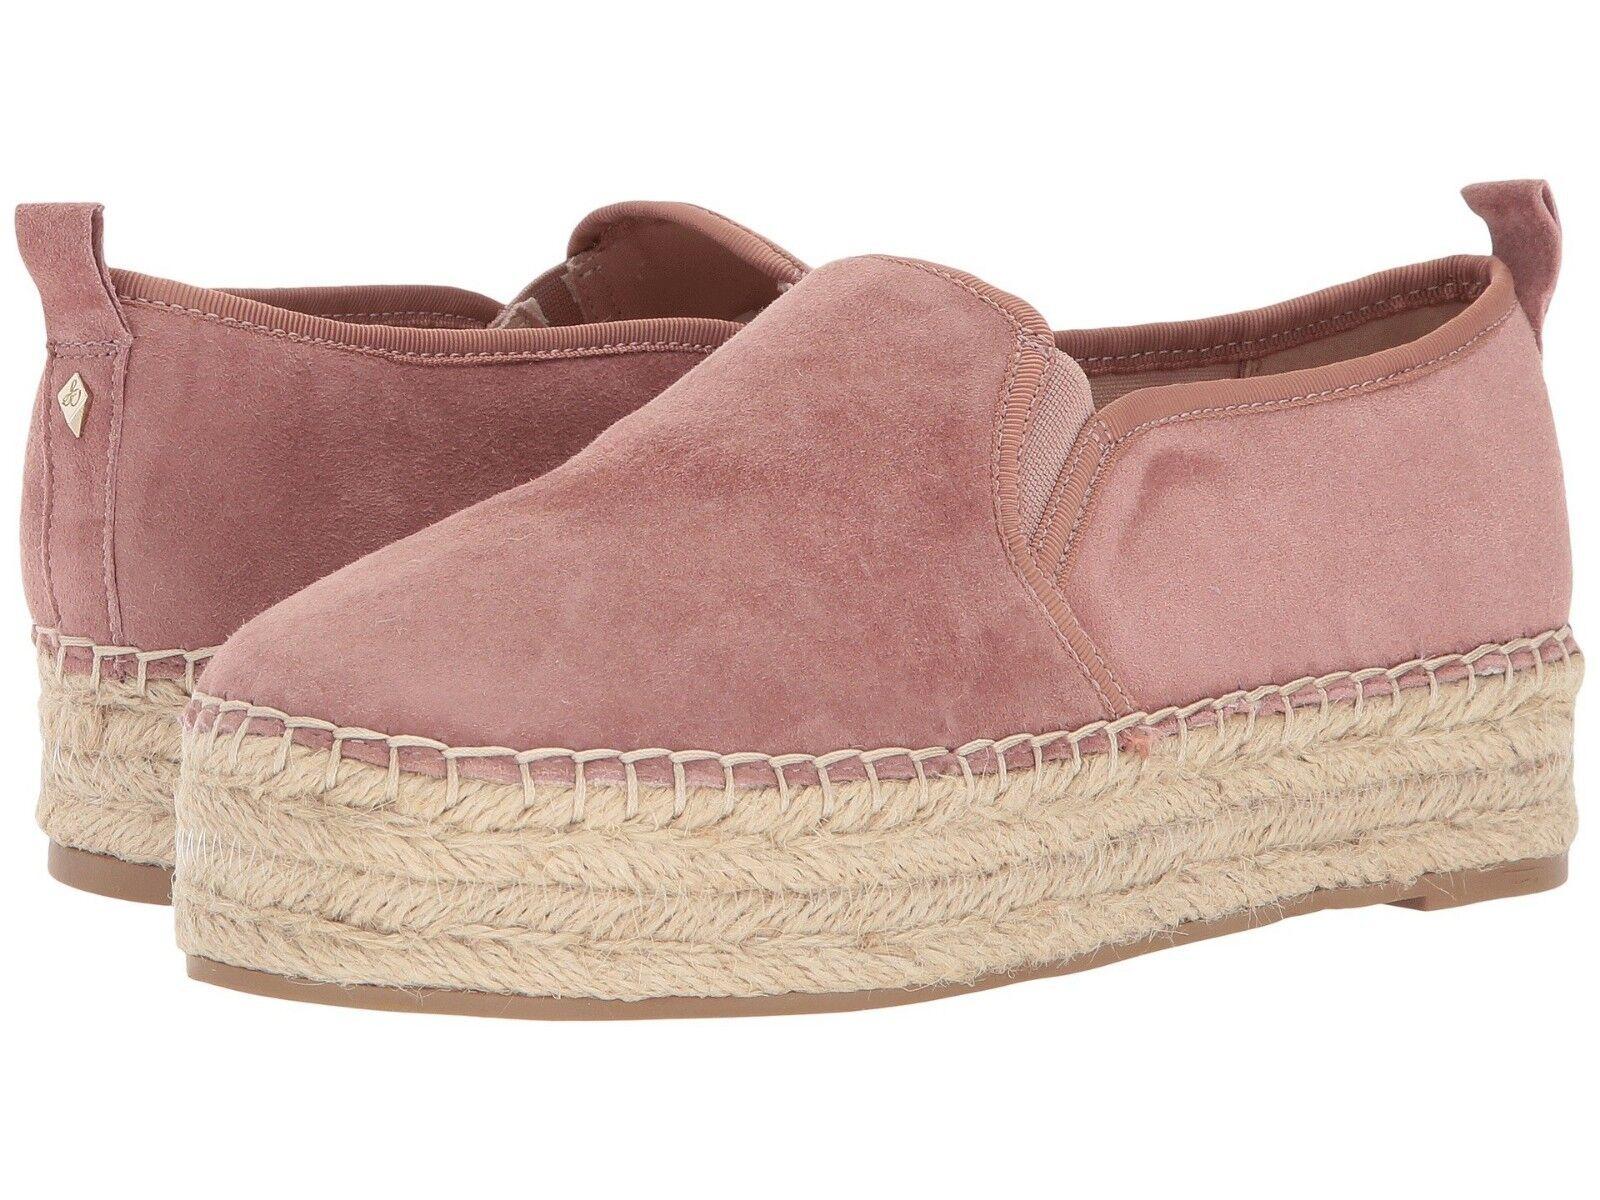 Sam Edelman Mujer Carrin Carrin Carrin Polvoriento rosado Gamuza Plataforma Sin Cordones Zapatos Talla 10 M  compras en linea